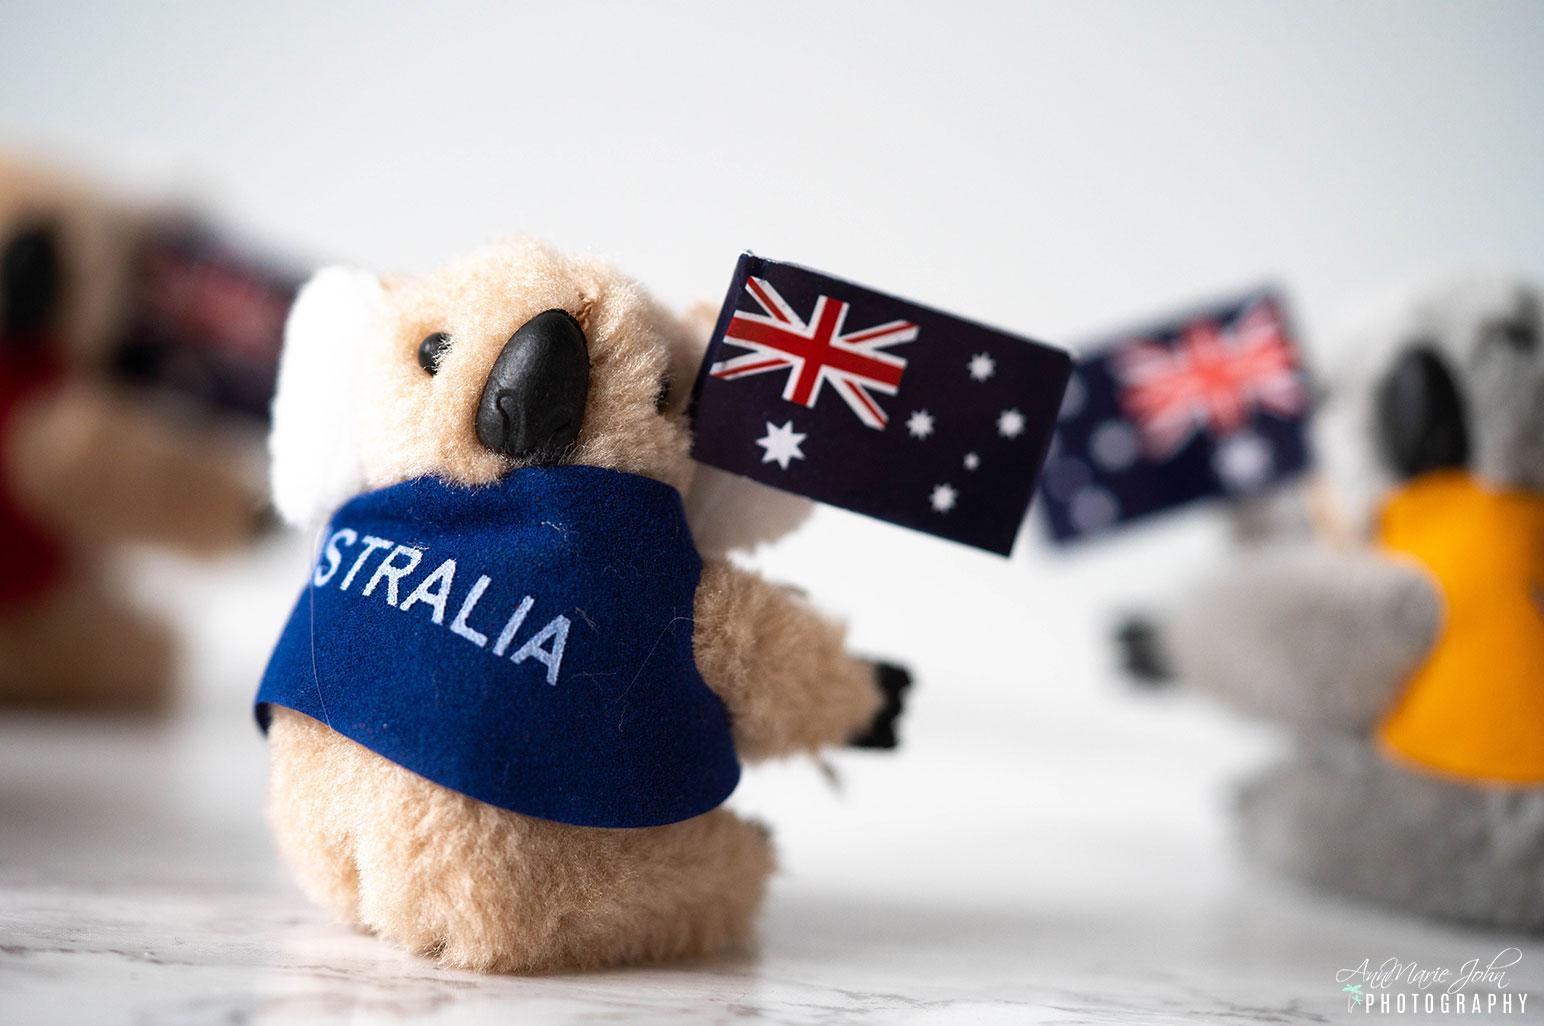 6 Gifts You've Got to Get Before Leaving Australia ~ #SeeAustralia  #TravelThursday - AnnMarie John